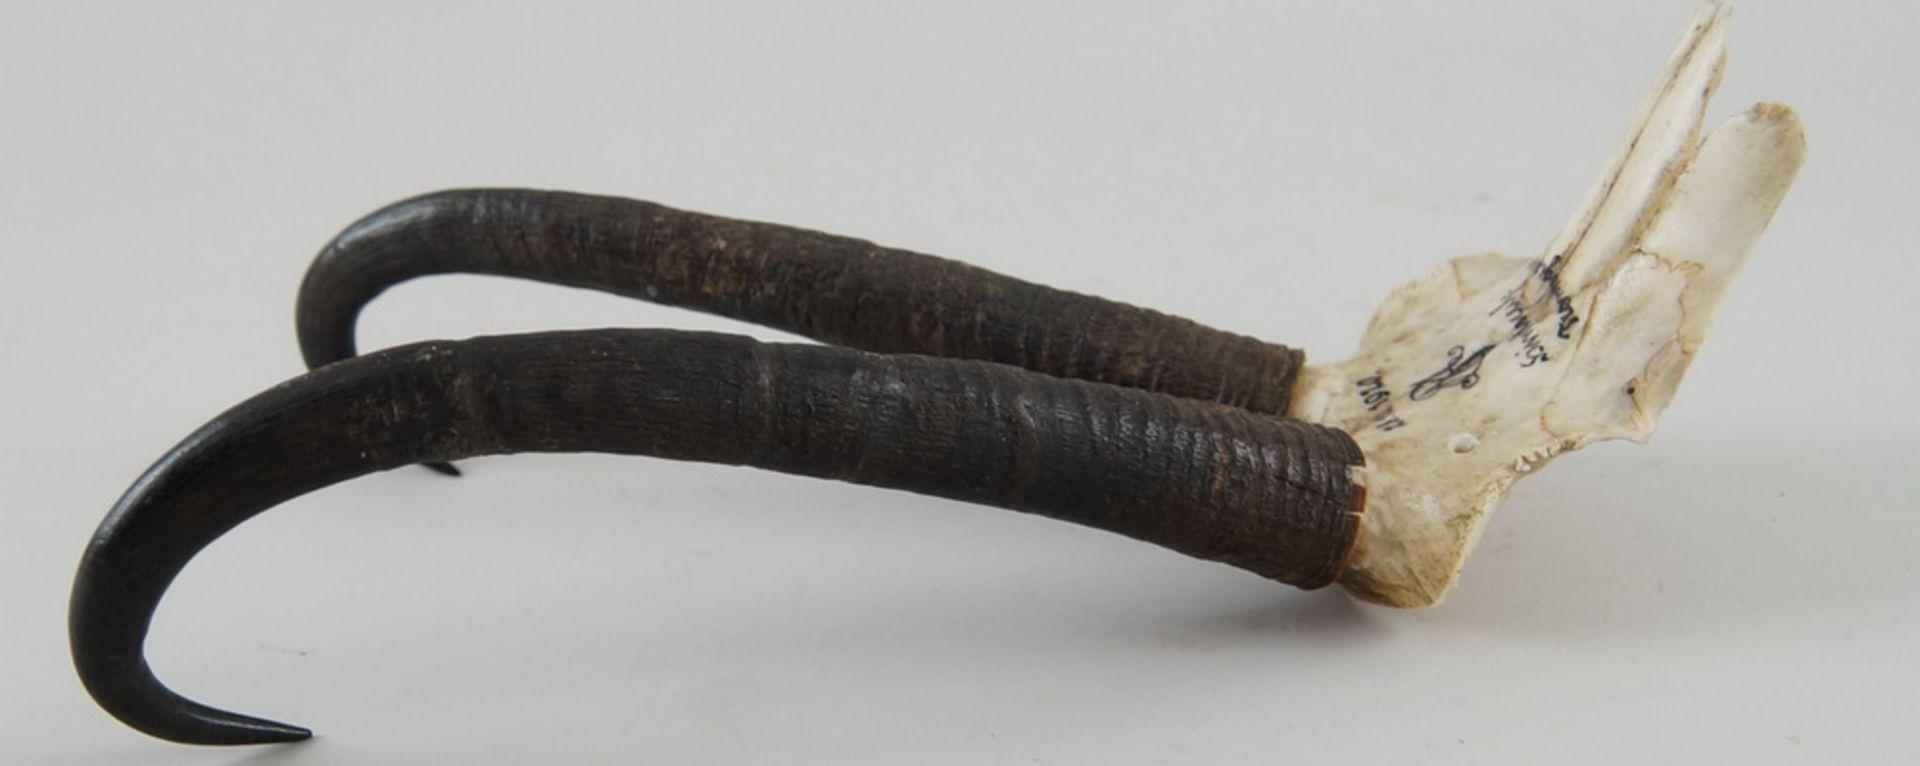 Langes Gamskrickerl, datiert 1920, 27 cm - Bild 5 aus 5